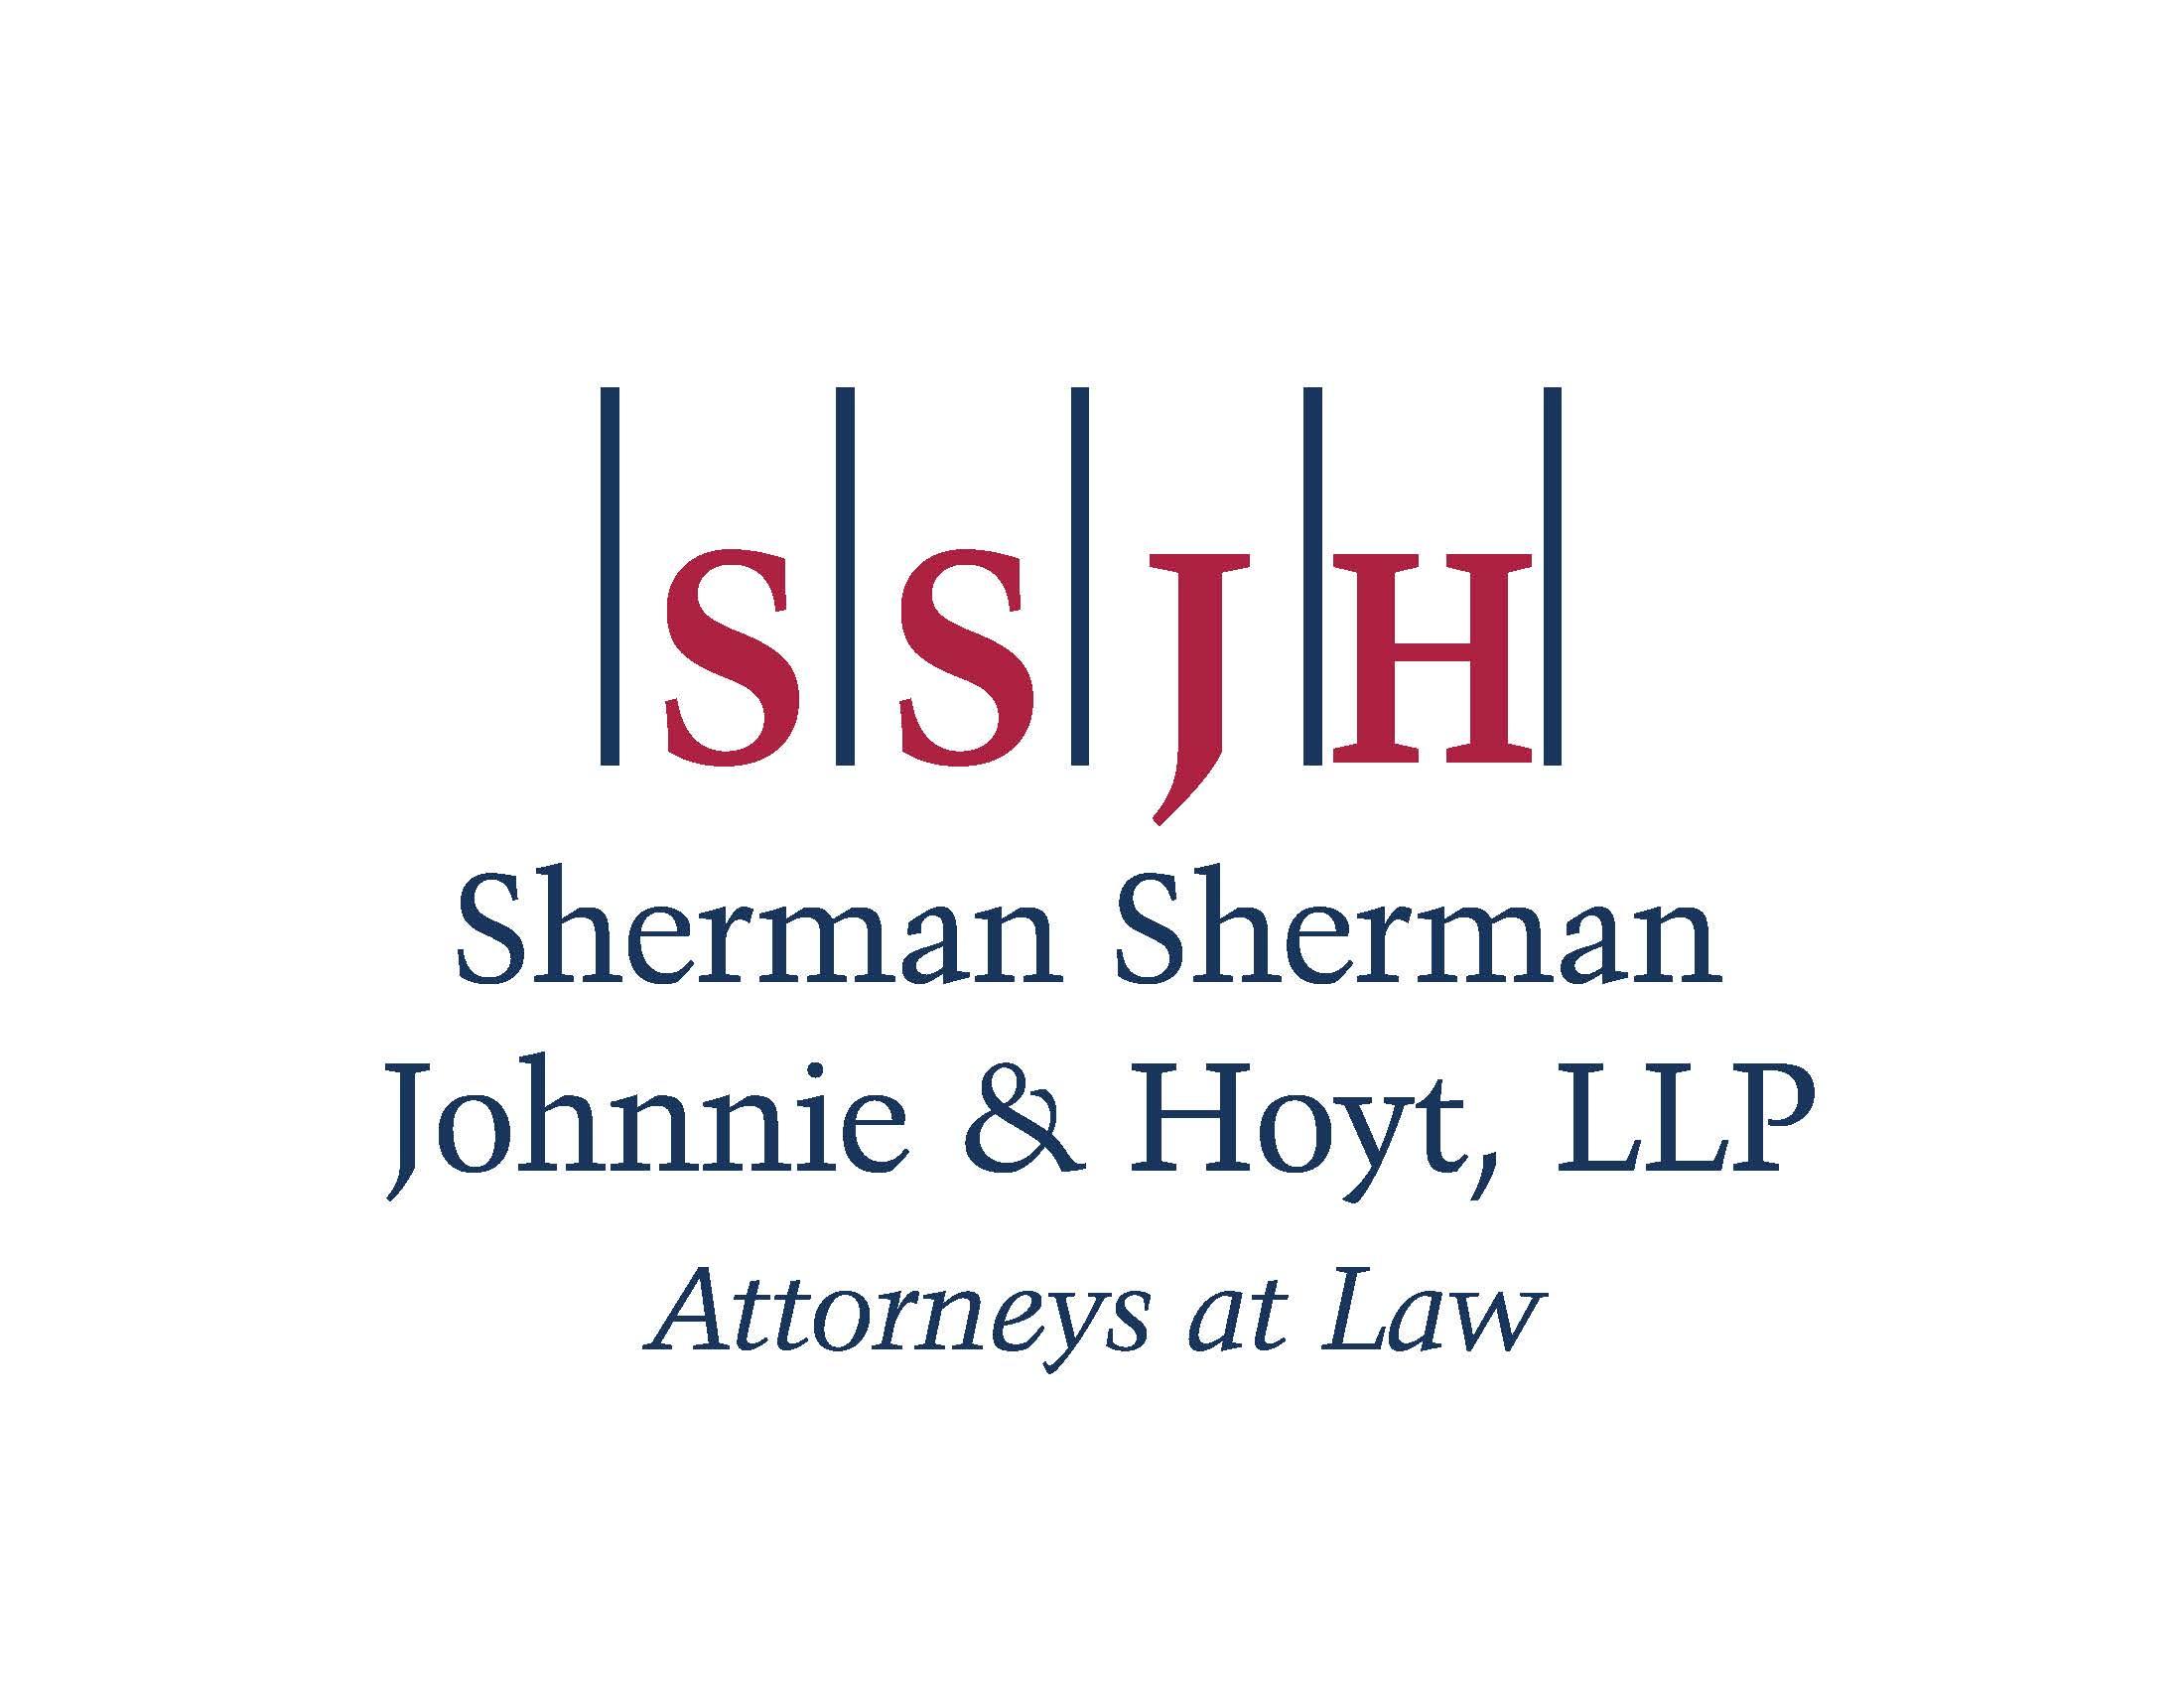 Sherman, Sherman, Johnnie & Hoyt